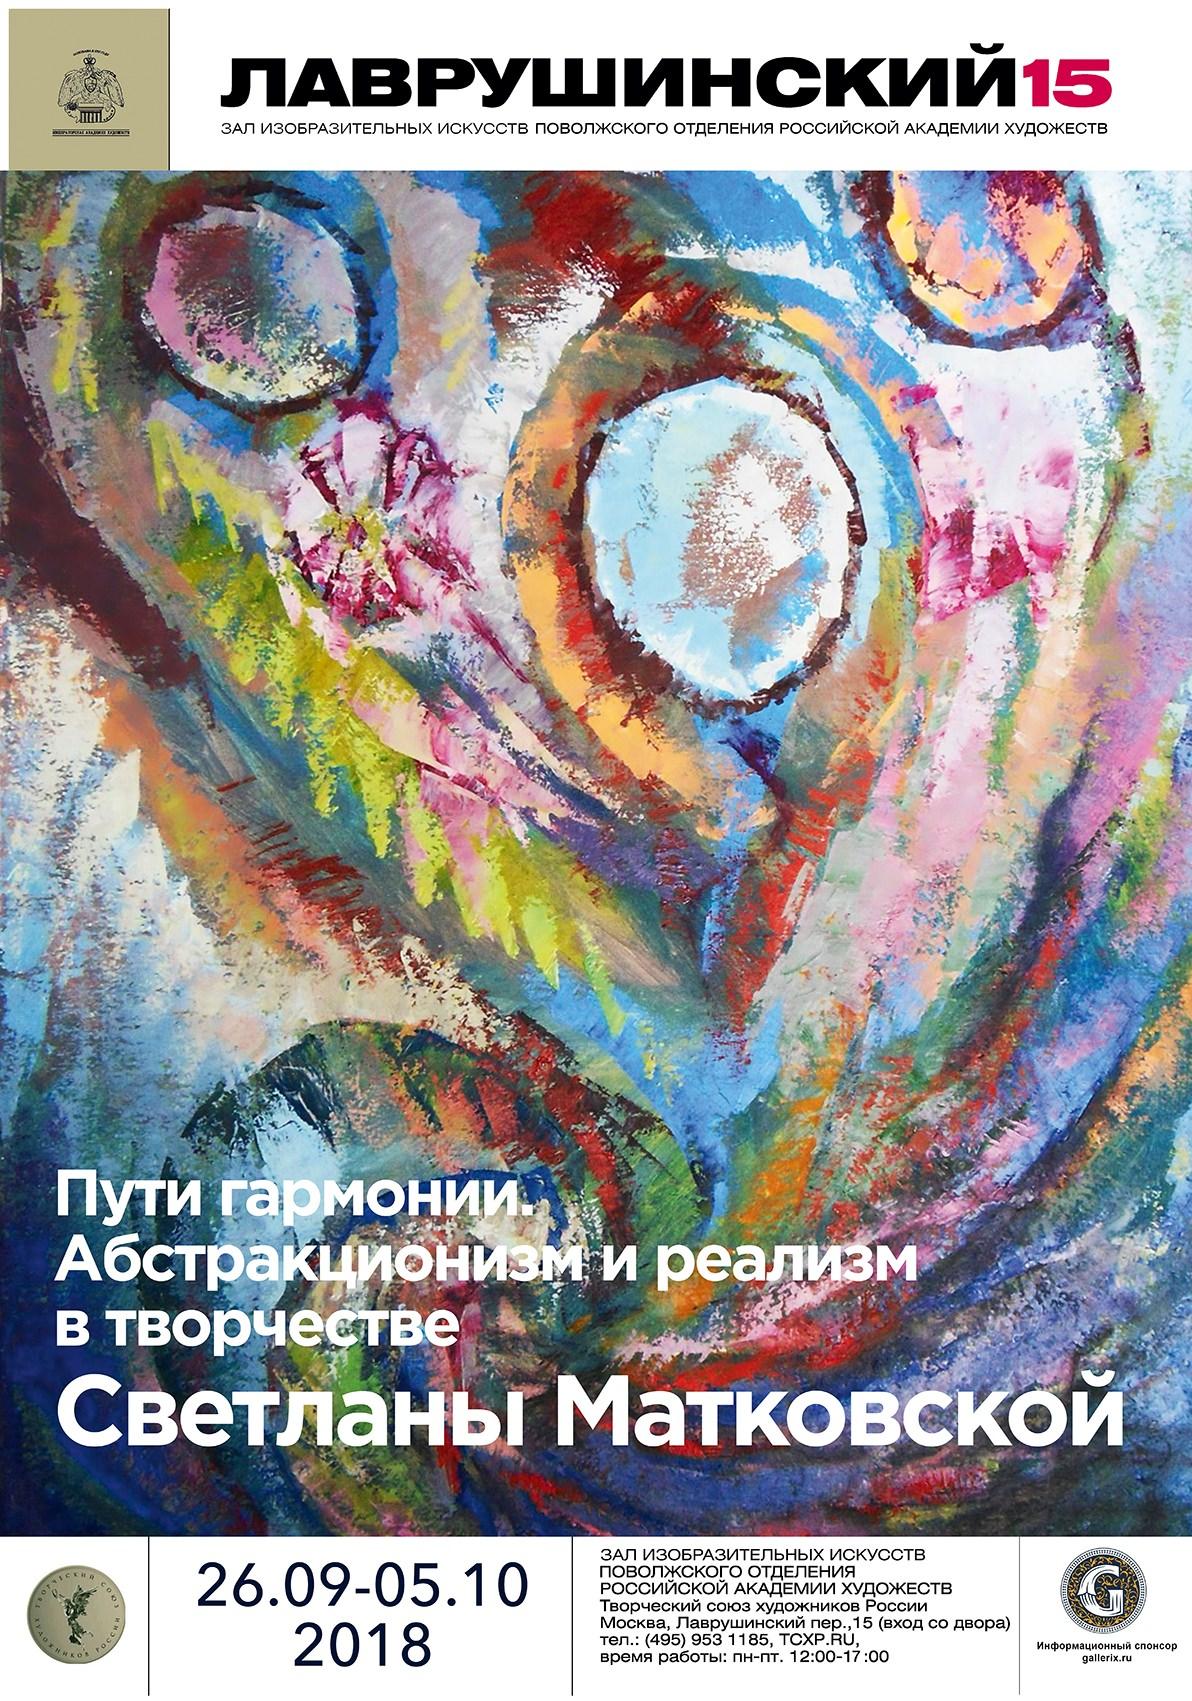 Formas de armonía. Realismo y abstraccionismo en la obra de Svetlana Matkovskaya